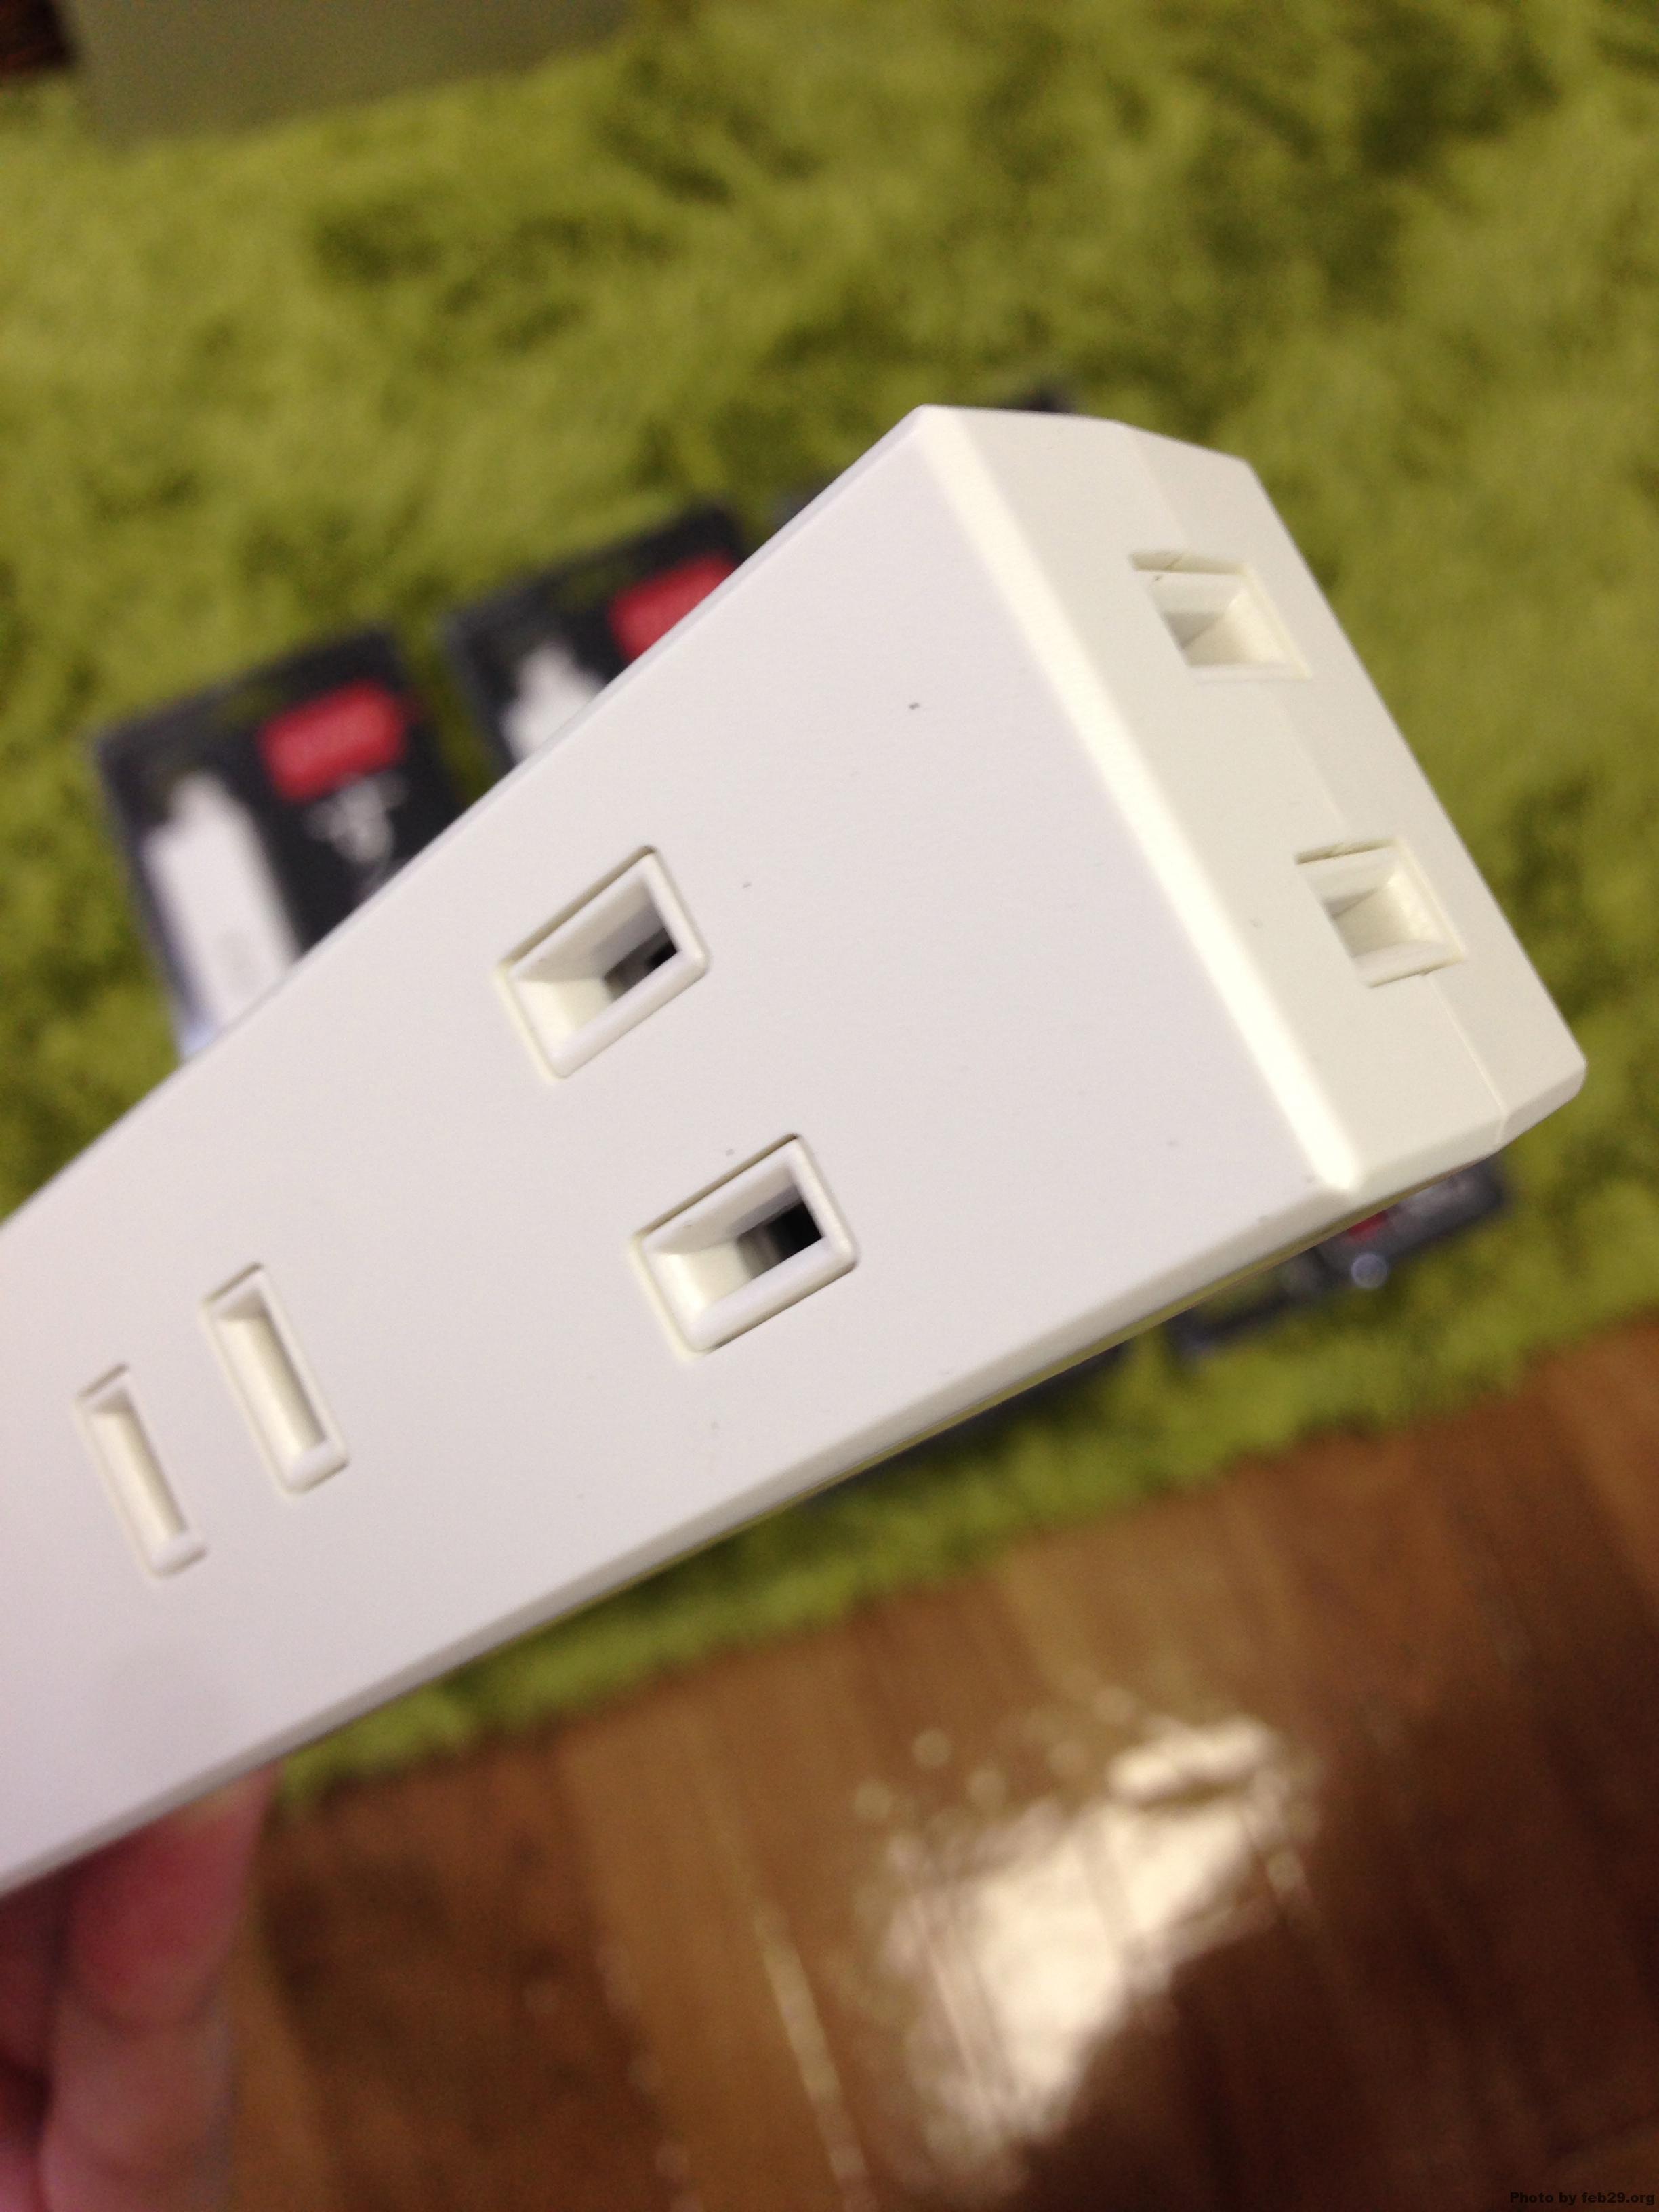 オシャレな部屋には「魅せる電源タップ」エレコムのシンプルデザイン電源